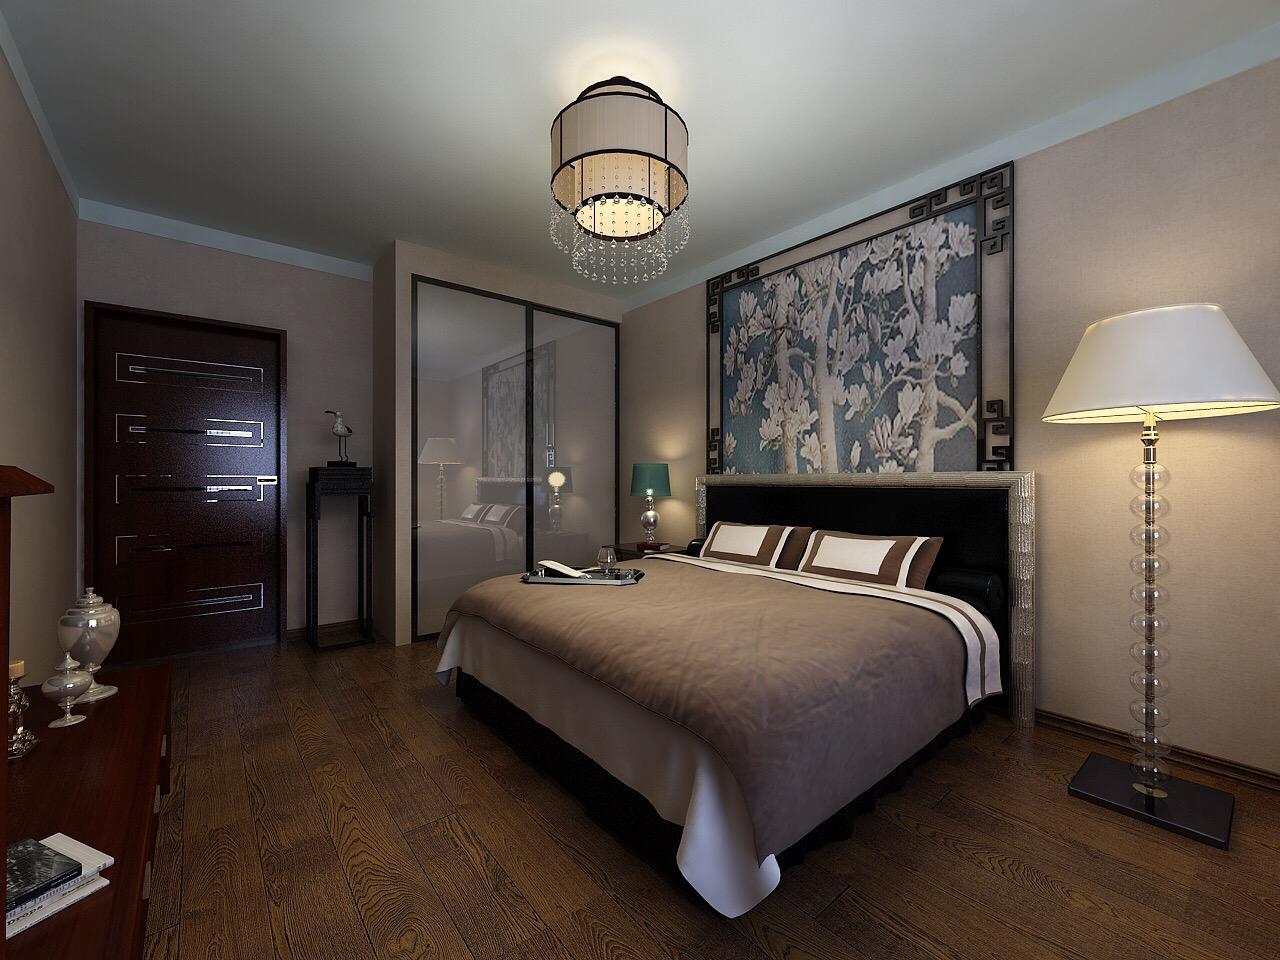 离地坛等照亮整个卧室,很明亮